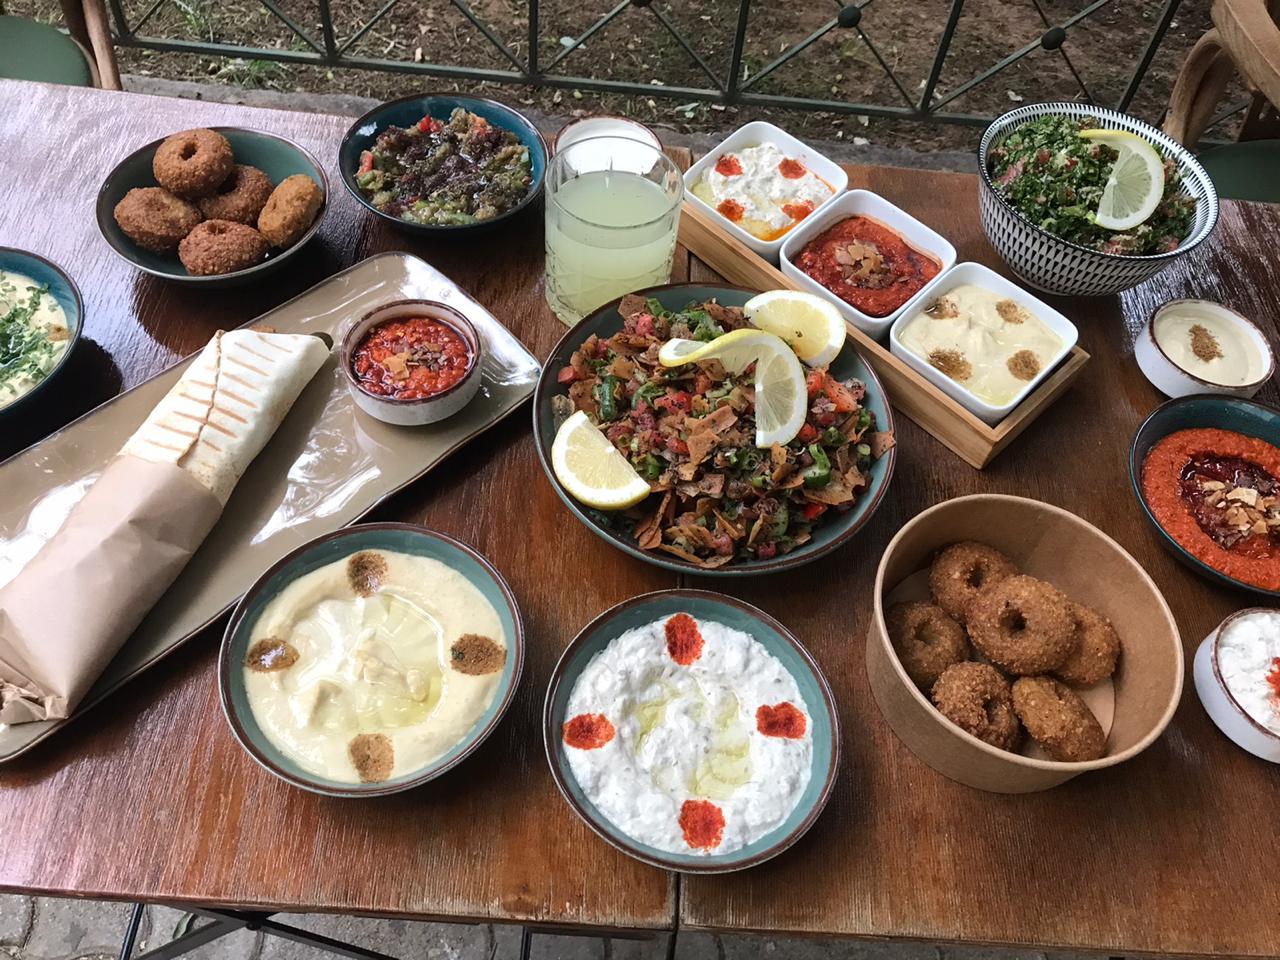 Πρόσφυγες επανασυστήνουν στο κοινό της Αθήνας την αυθεντική ανατολίτικη κουζίνα